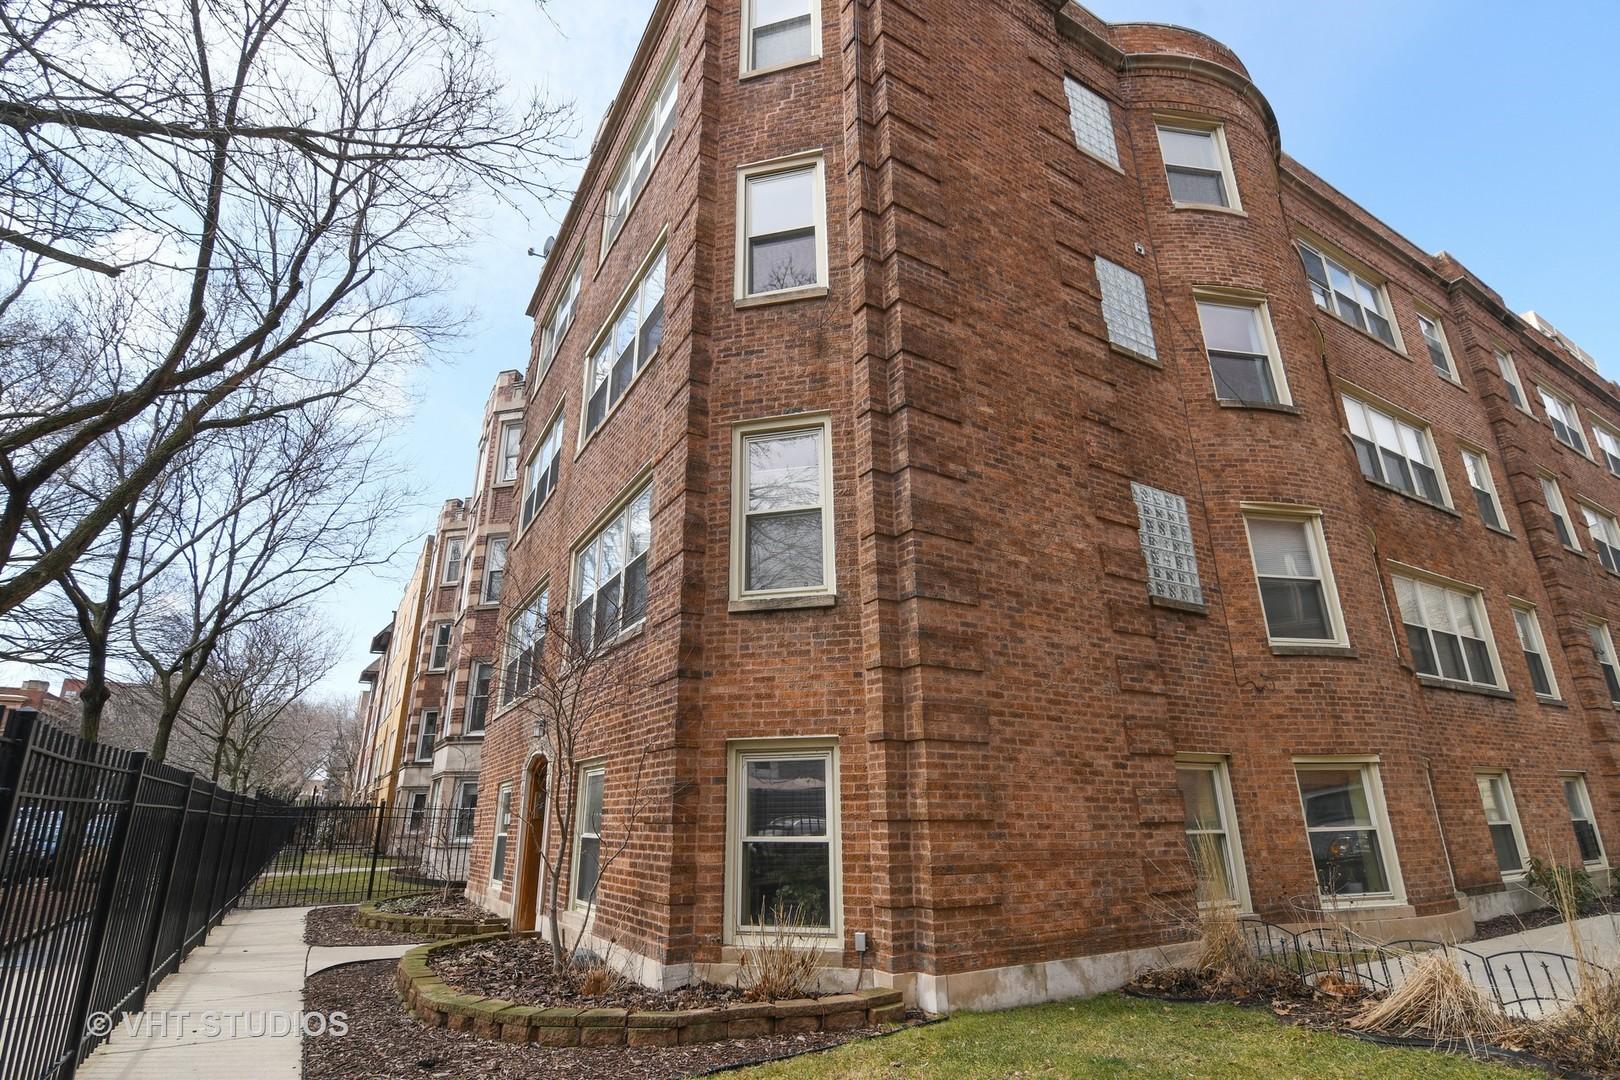 711 west gordon terrace 311 chicago il 60613 prime for 720 west gordon terrace chicago